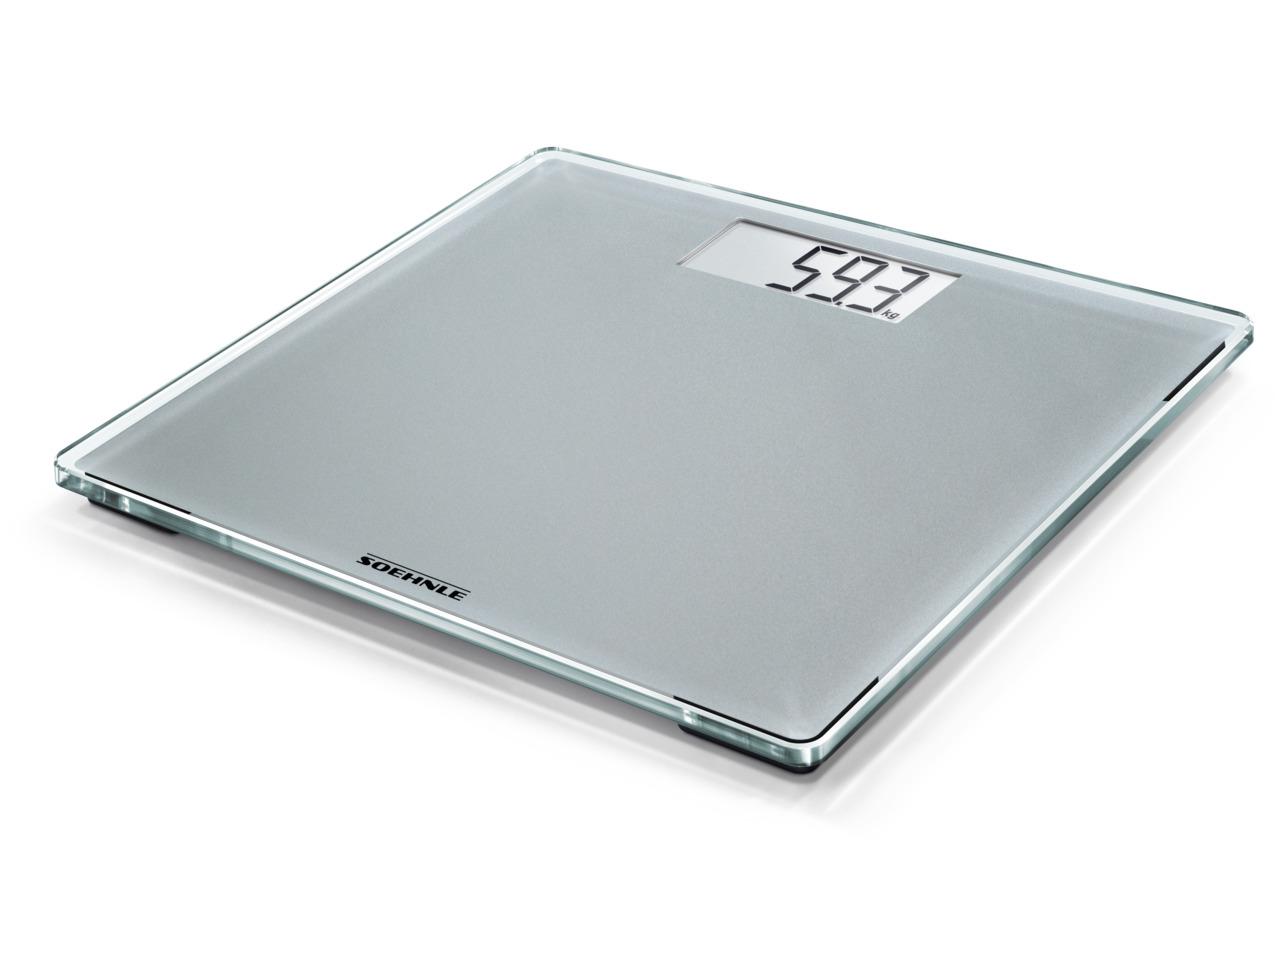 Soehnle Style Sense Compact 300 osobní váha - digitální, šedá SOEHNLE 63852